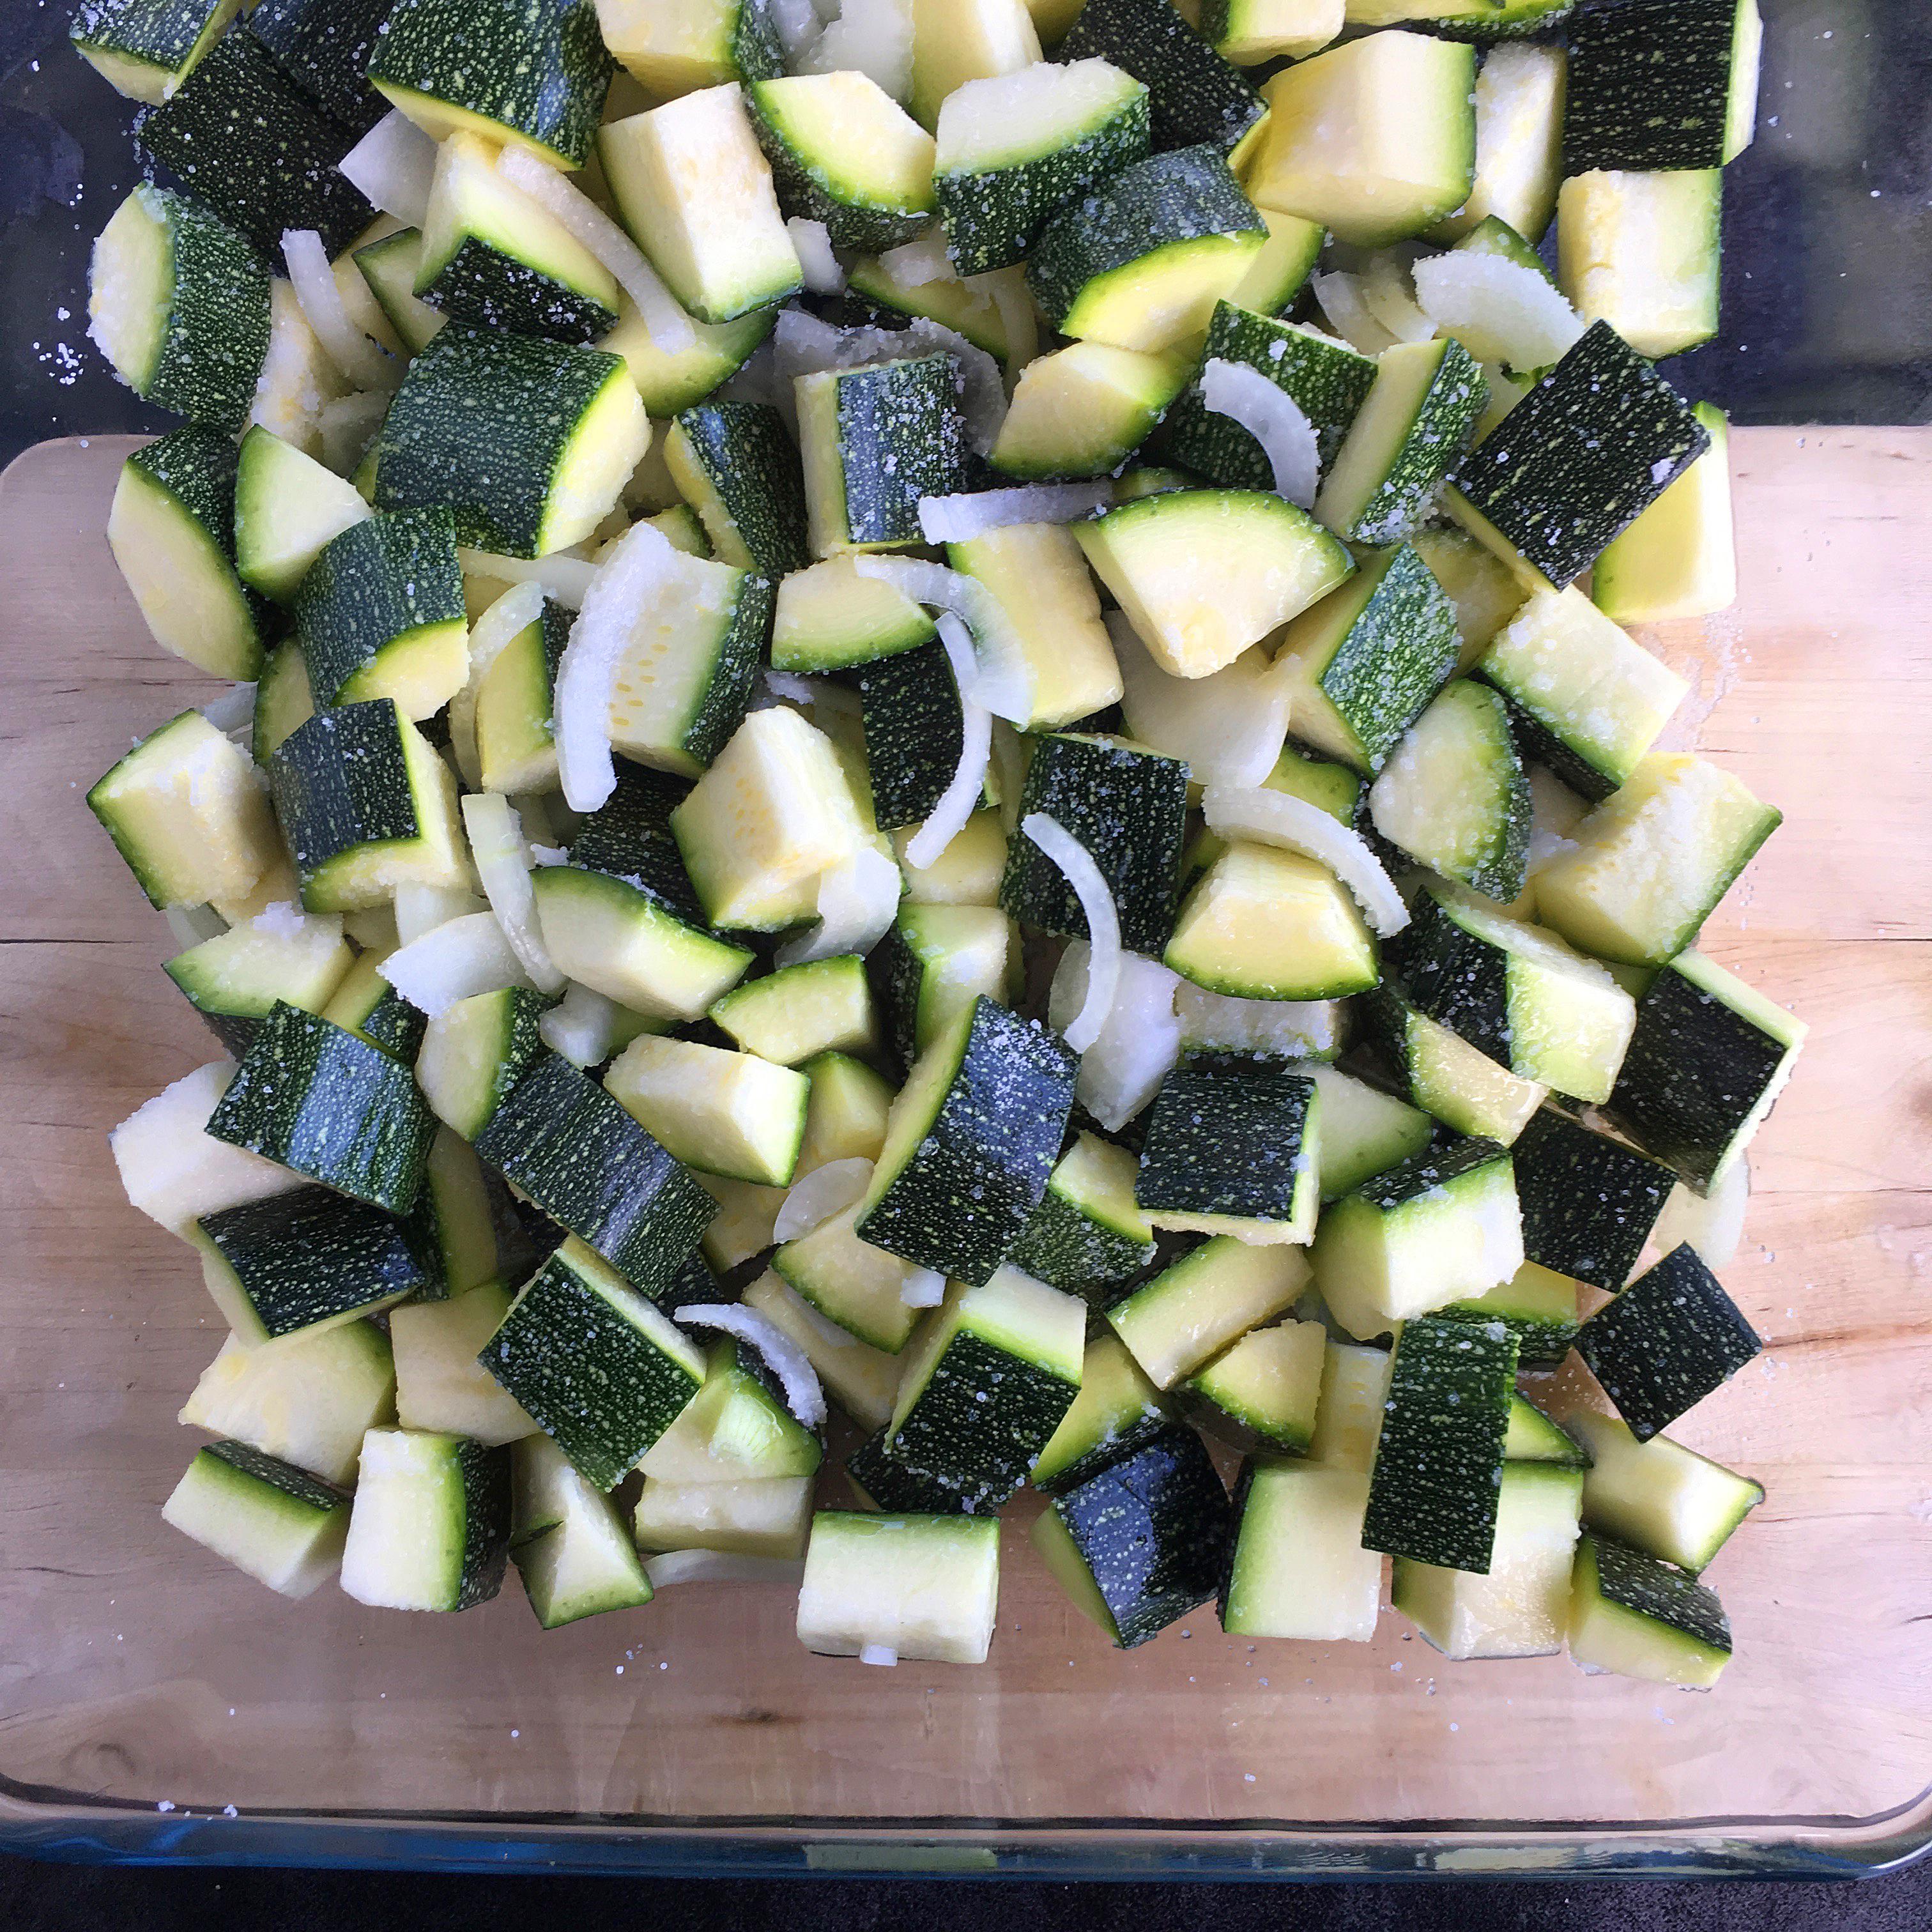 Conserves de courgettes au curry - Delimoon.com - une façon simple d'utiliser le surplus de légumes et d'en profiter durant la saison froide - delimoon.com